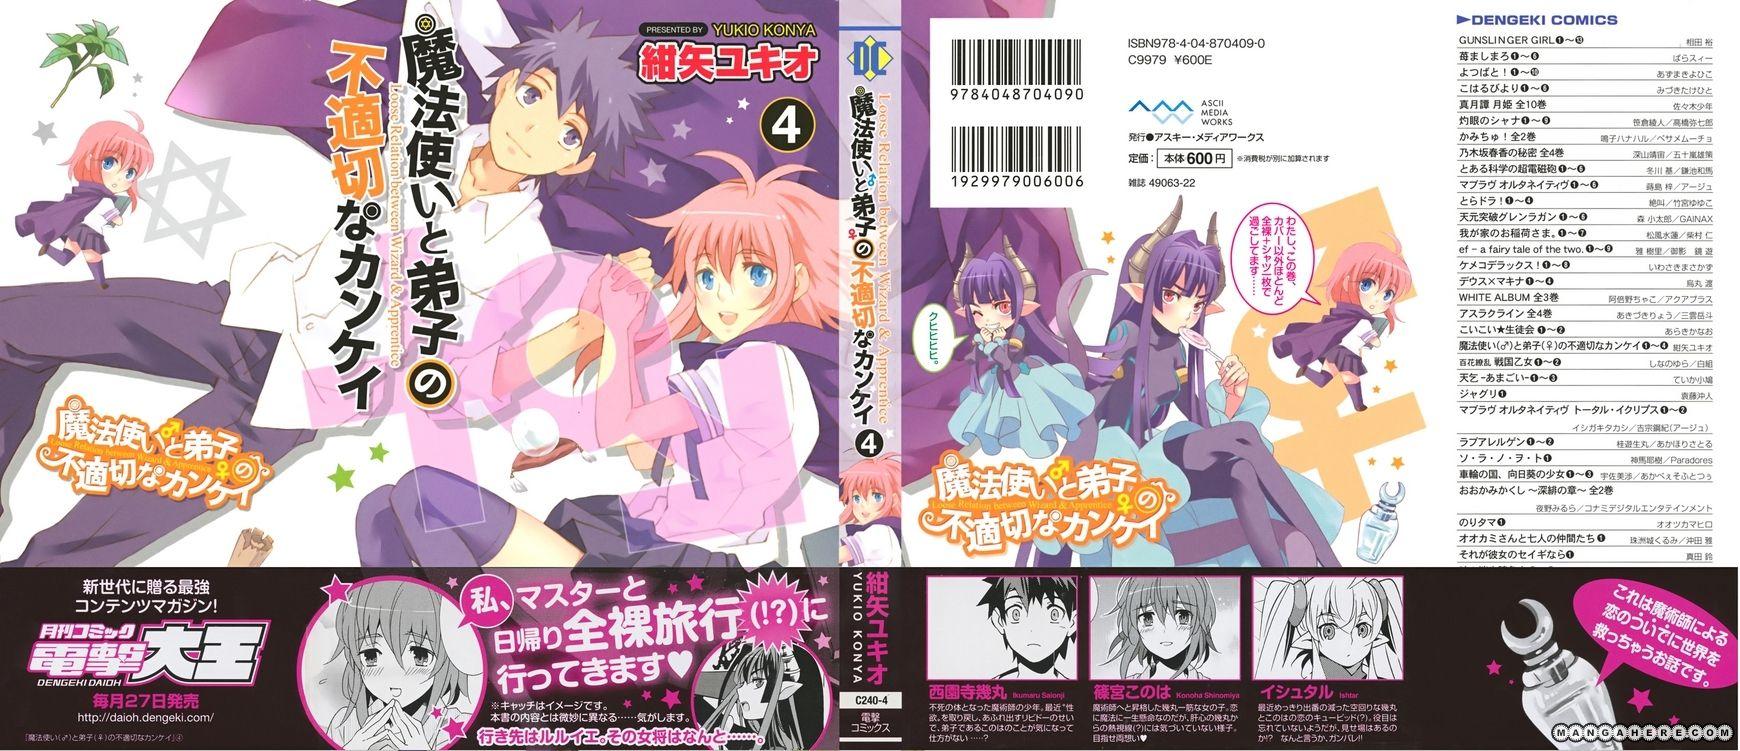 Mahoutsukai to Deshi no Futekisetsu na Kankei 17 Page 1